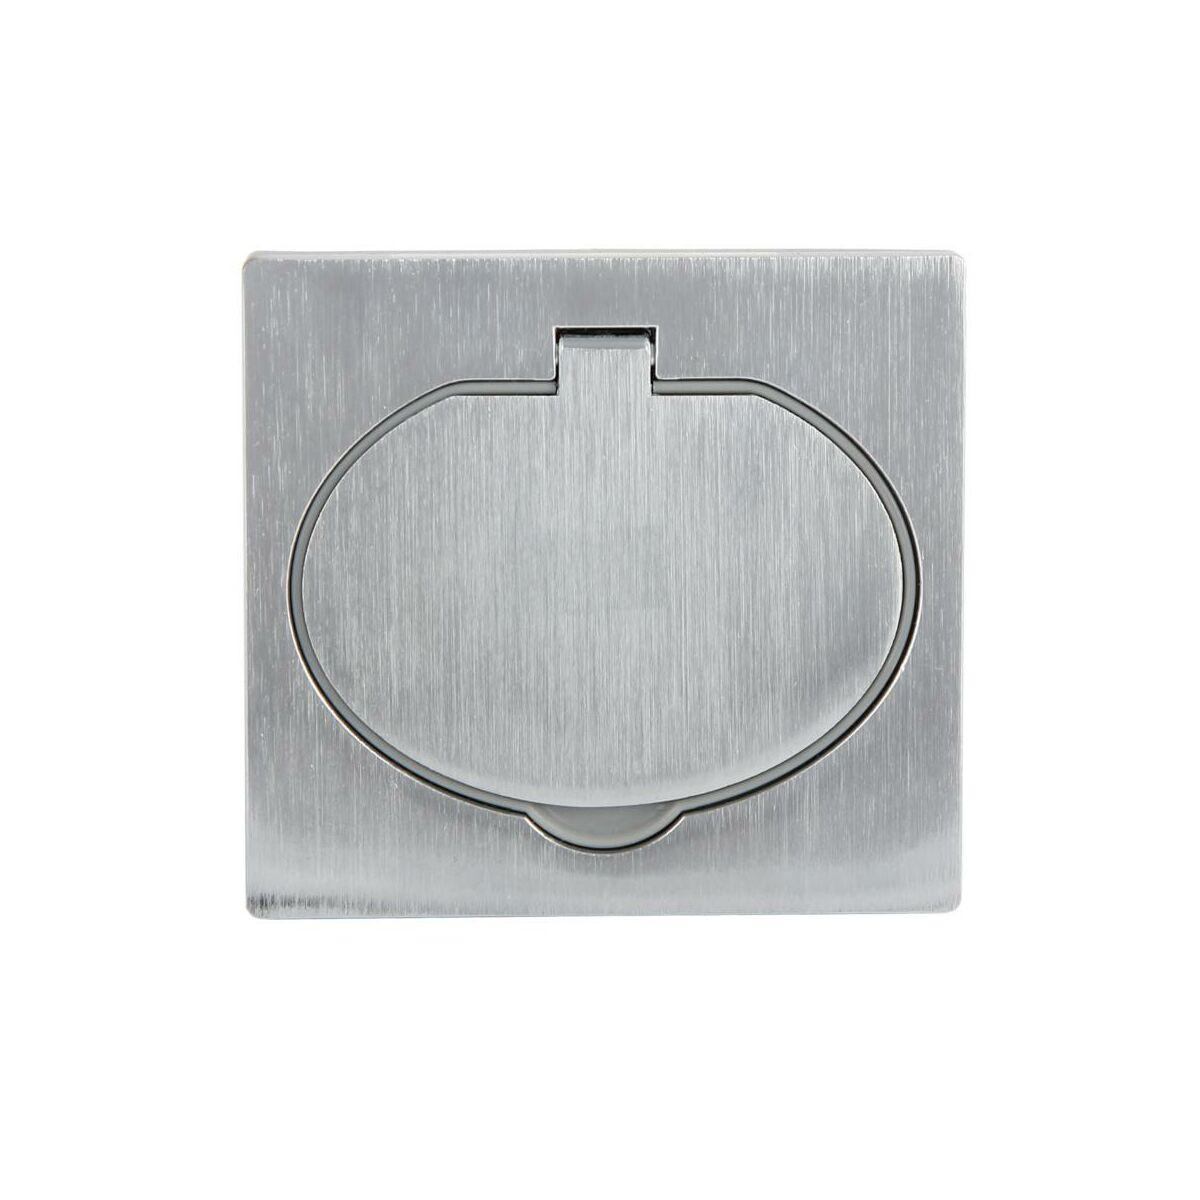 Listwa Podblatowa 4x2p Z Dpm Przedluzacze Domowe W Atrakcyjnej Cenie W Sklepach Leroy Merlin